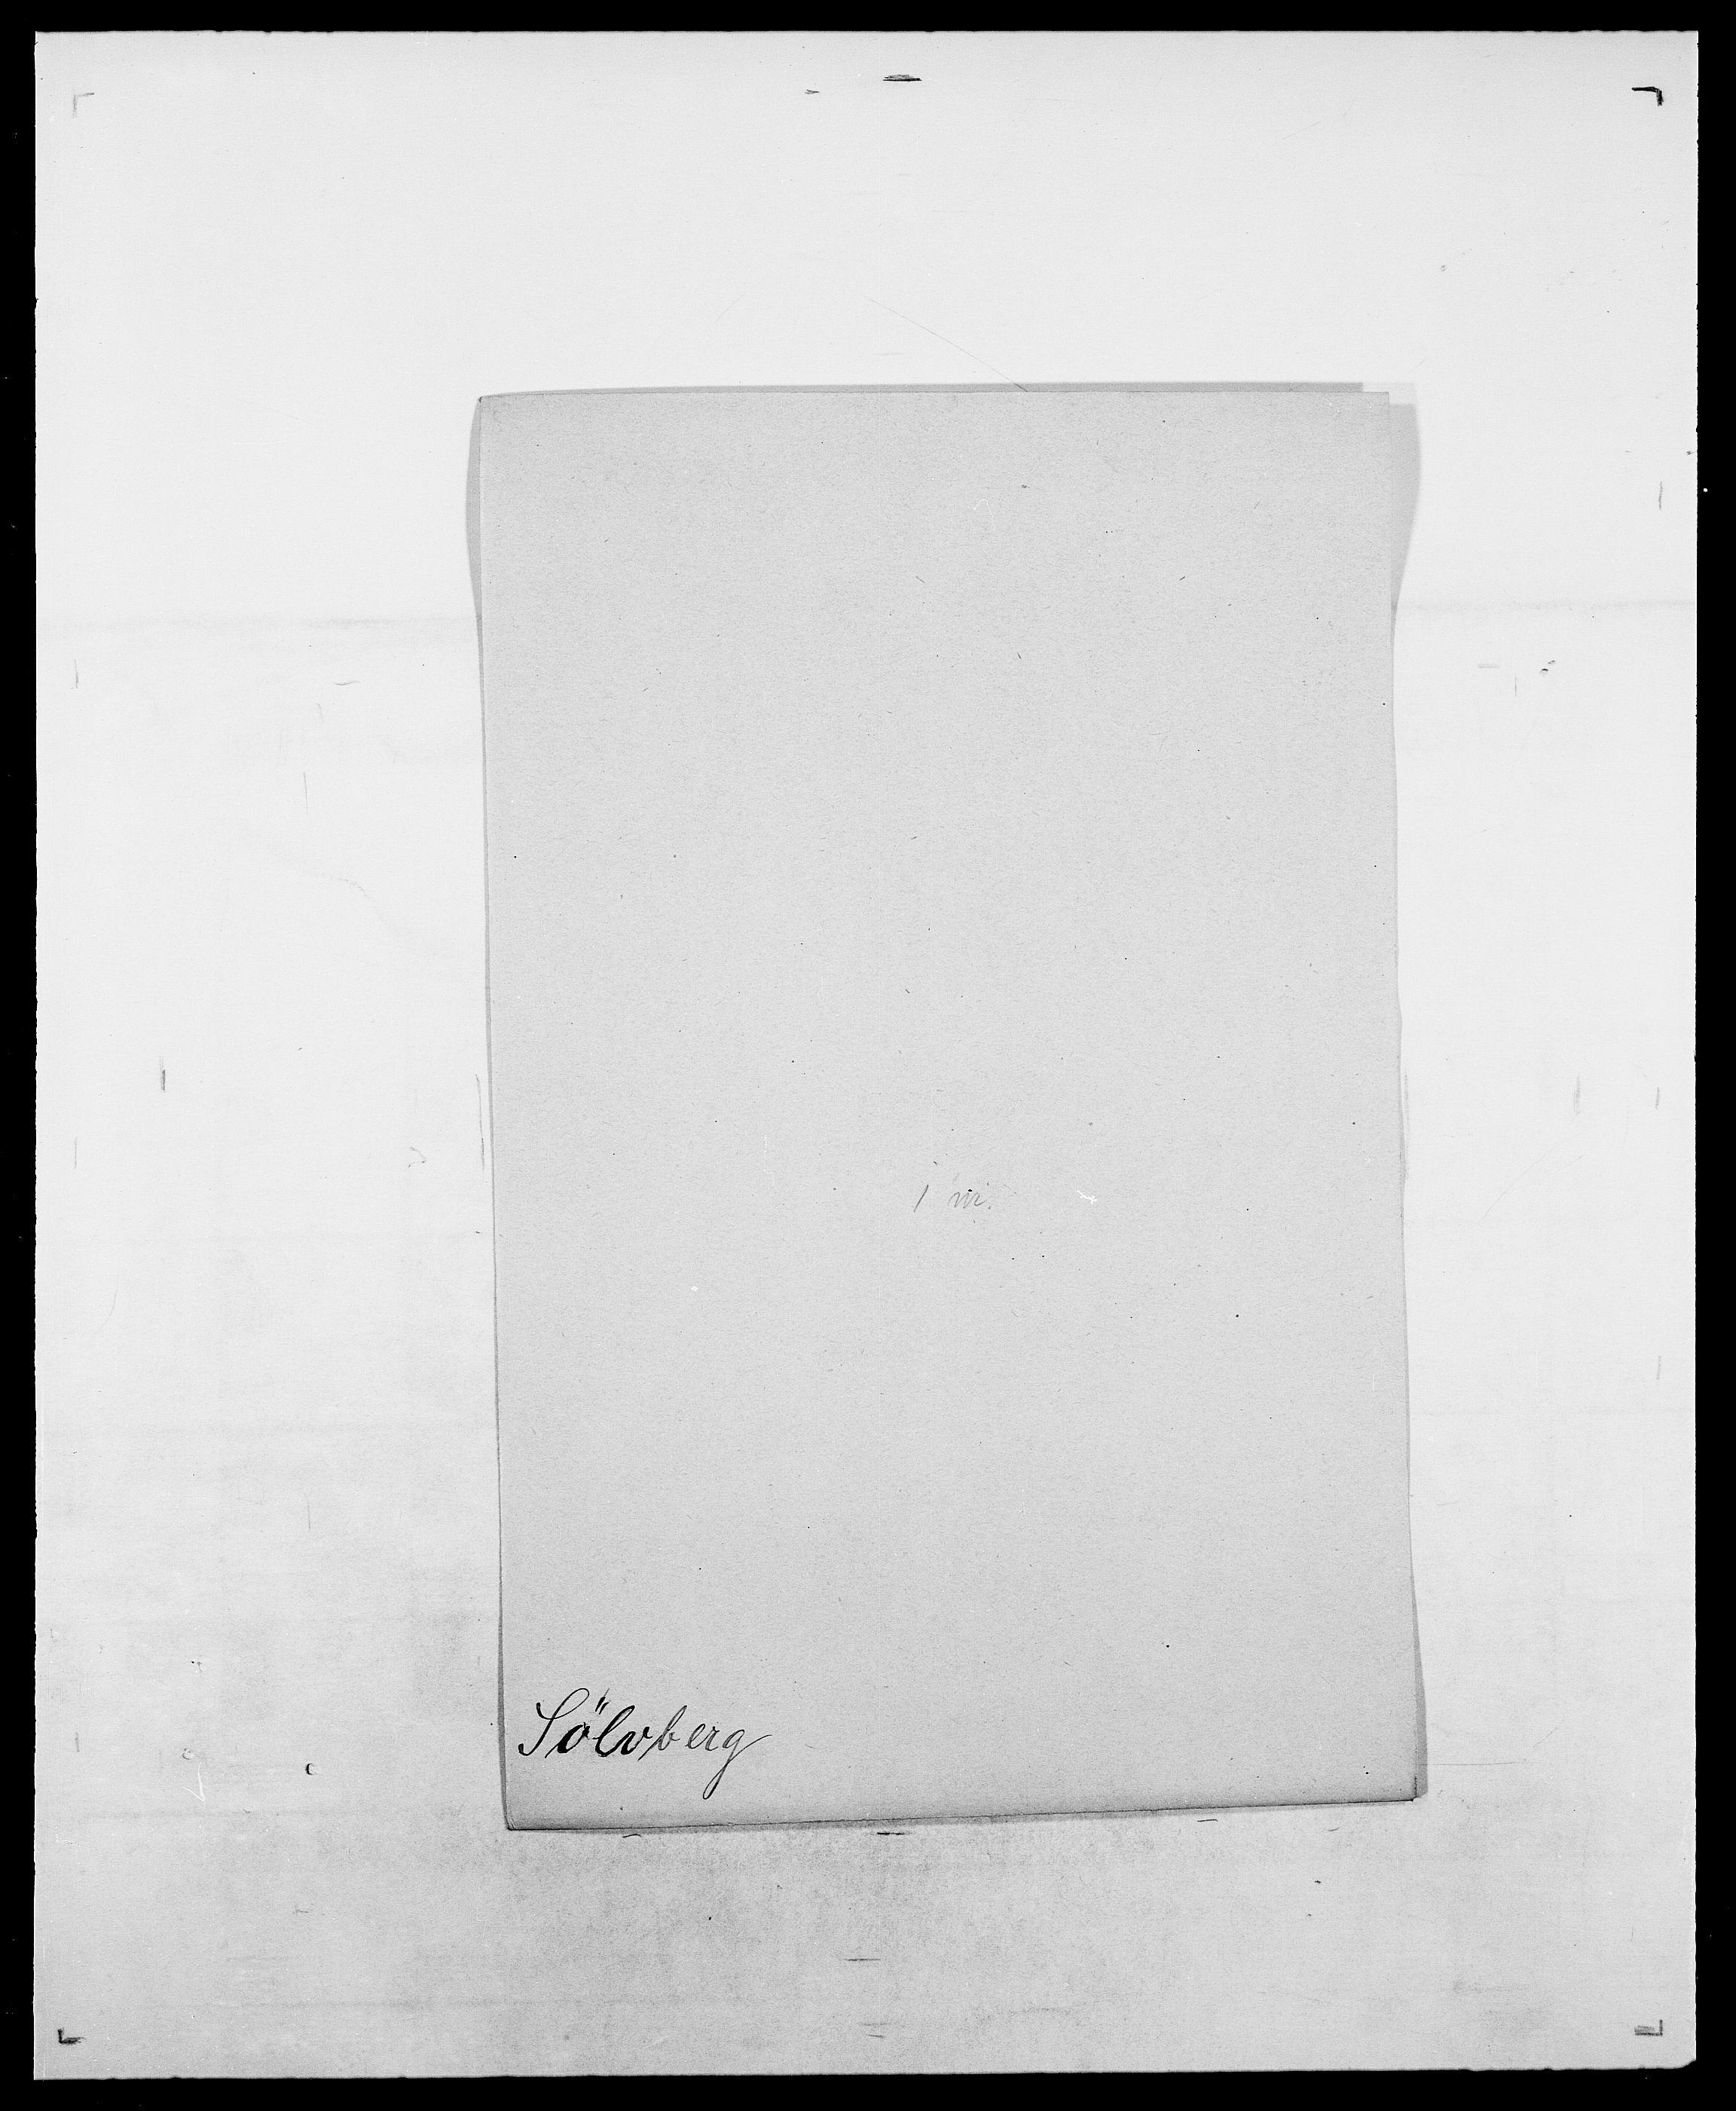 SAO, Delgobe, Charles Antoine - samling, D/Da/L0038: Svanenskjold - Thornsohn, s. 176